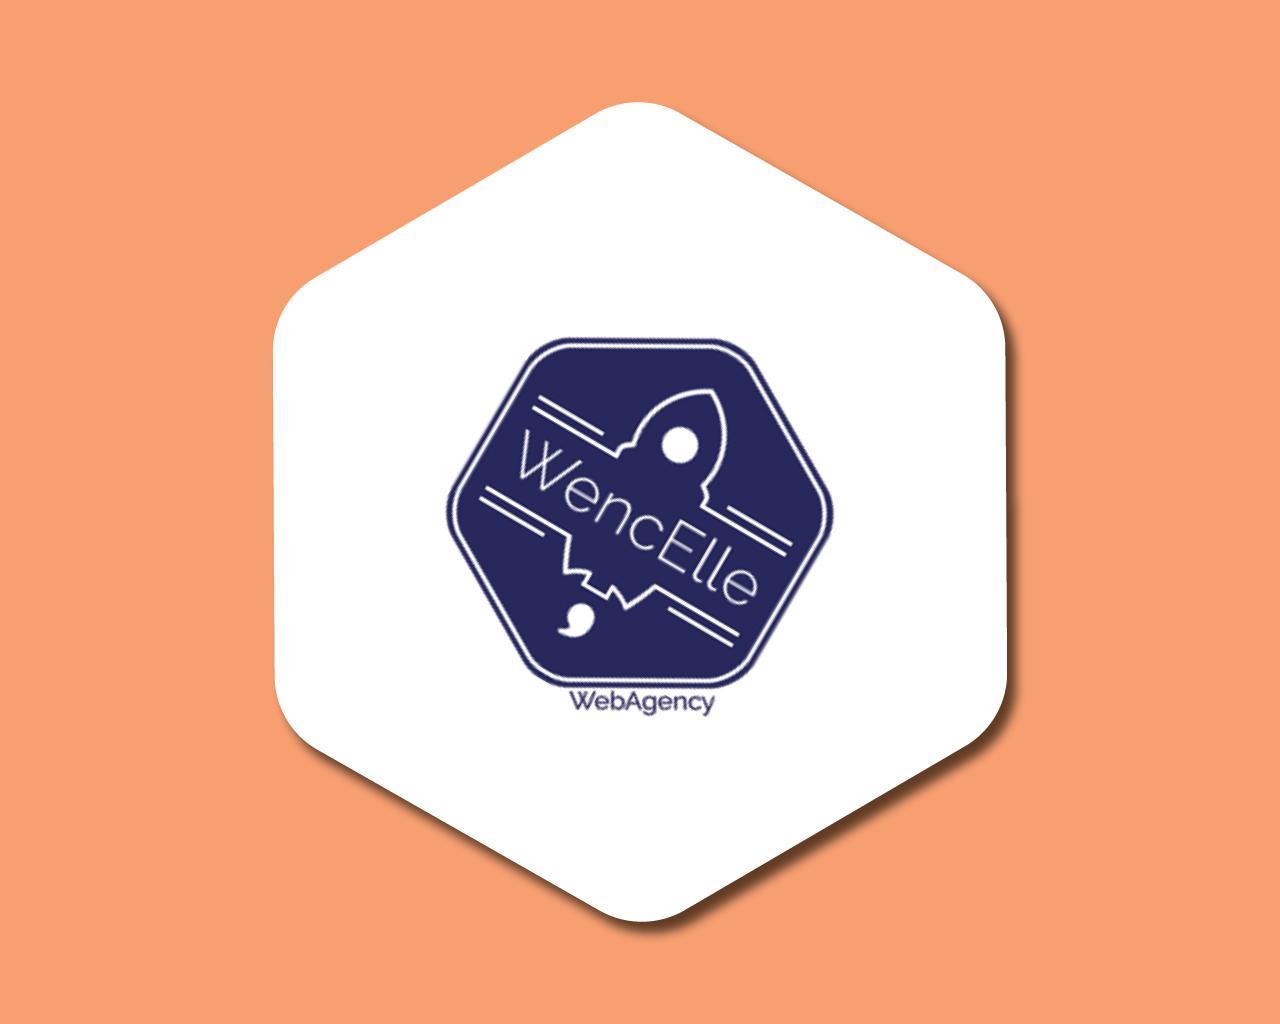 Wencelle-logo-1